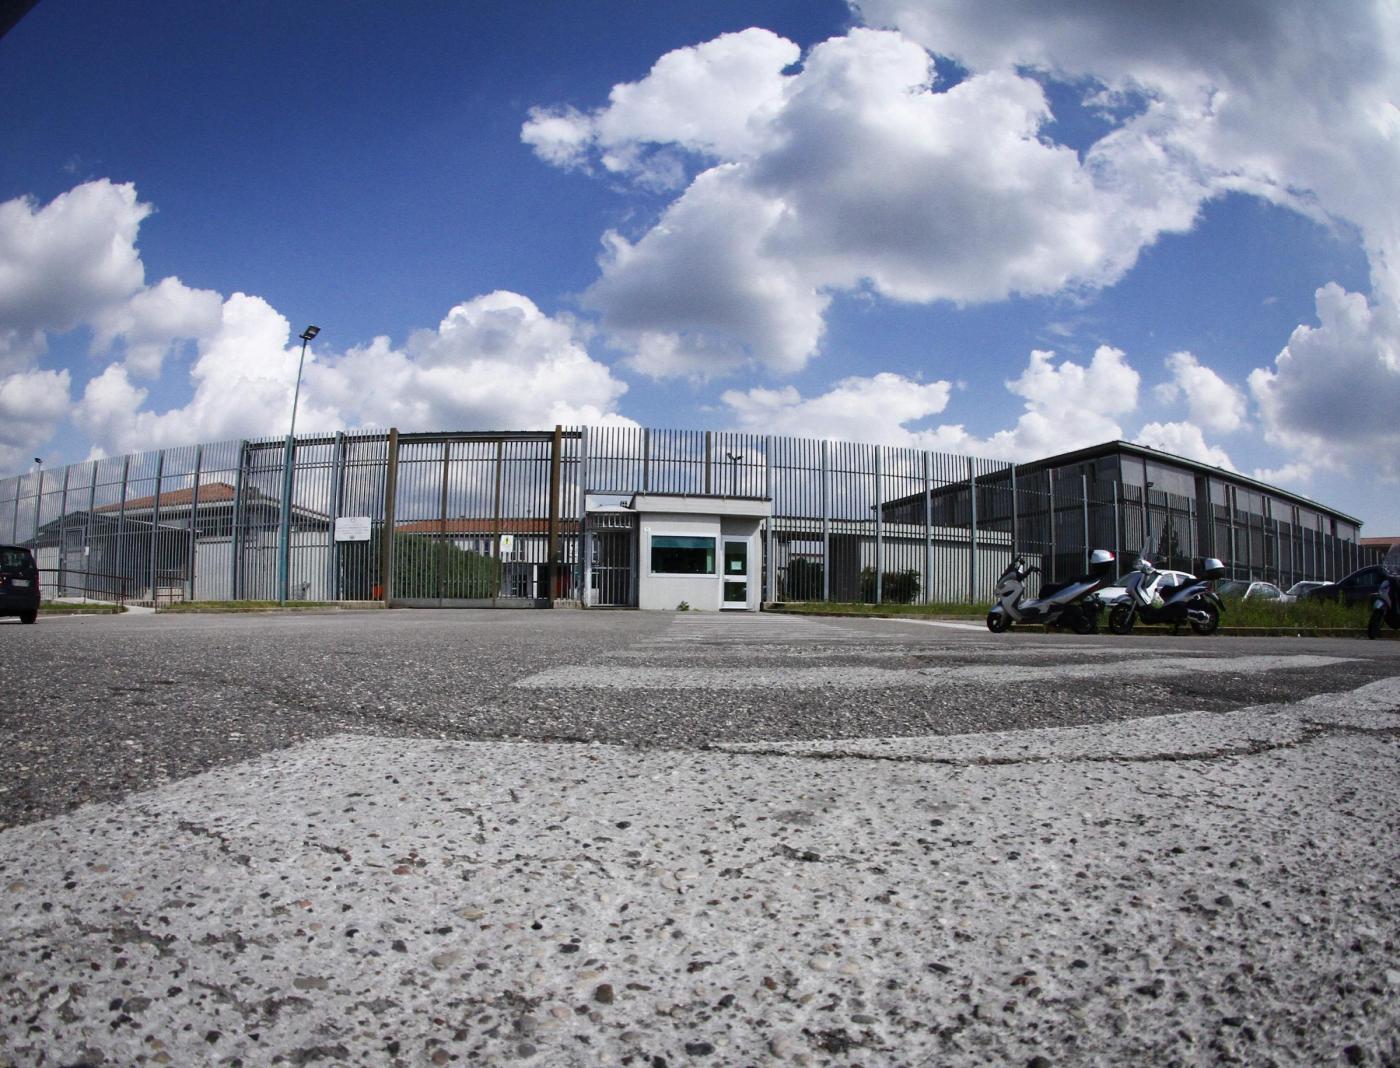 Carceri sovraffollate: il rimedio compensativo risarcisce i detenuti